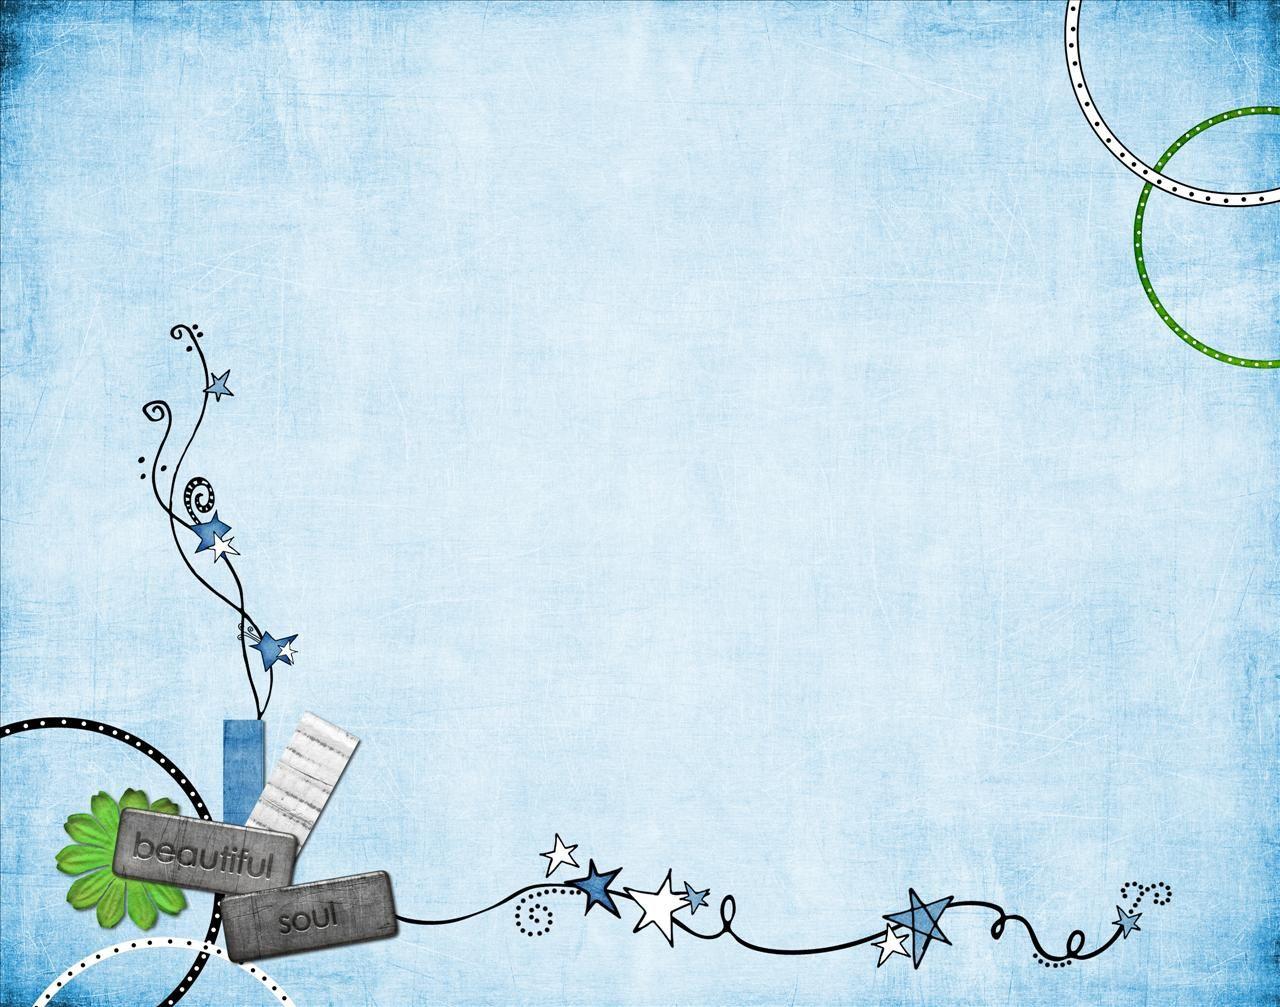 Beautiful soul light blue swirl Beautiful, Beautiful